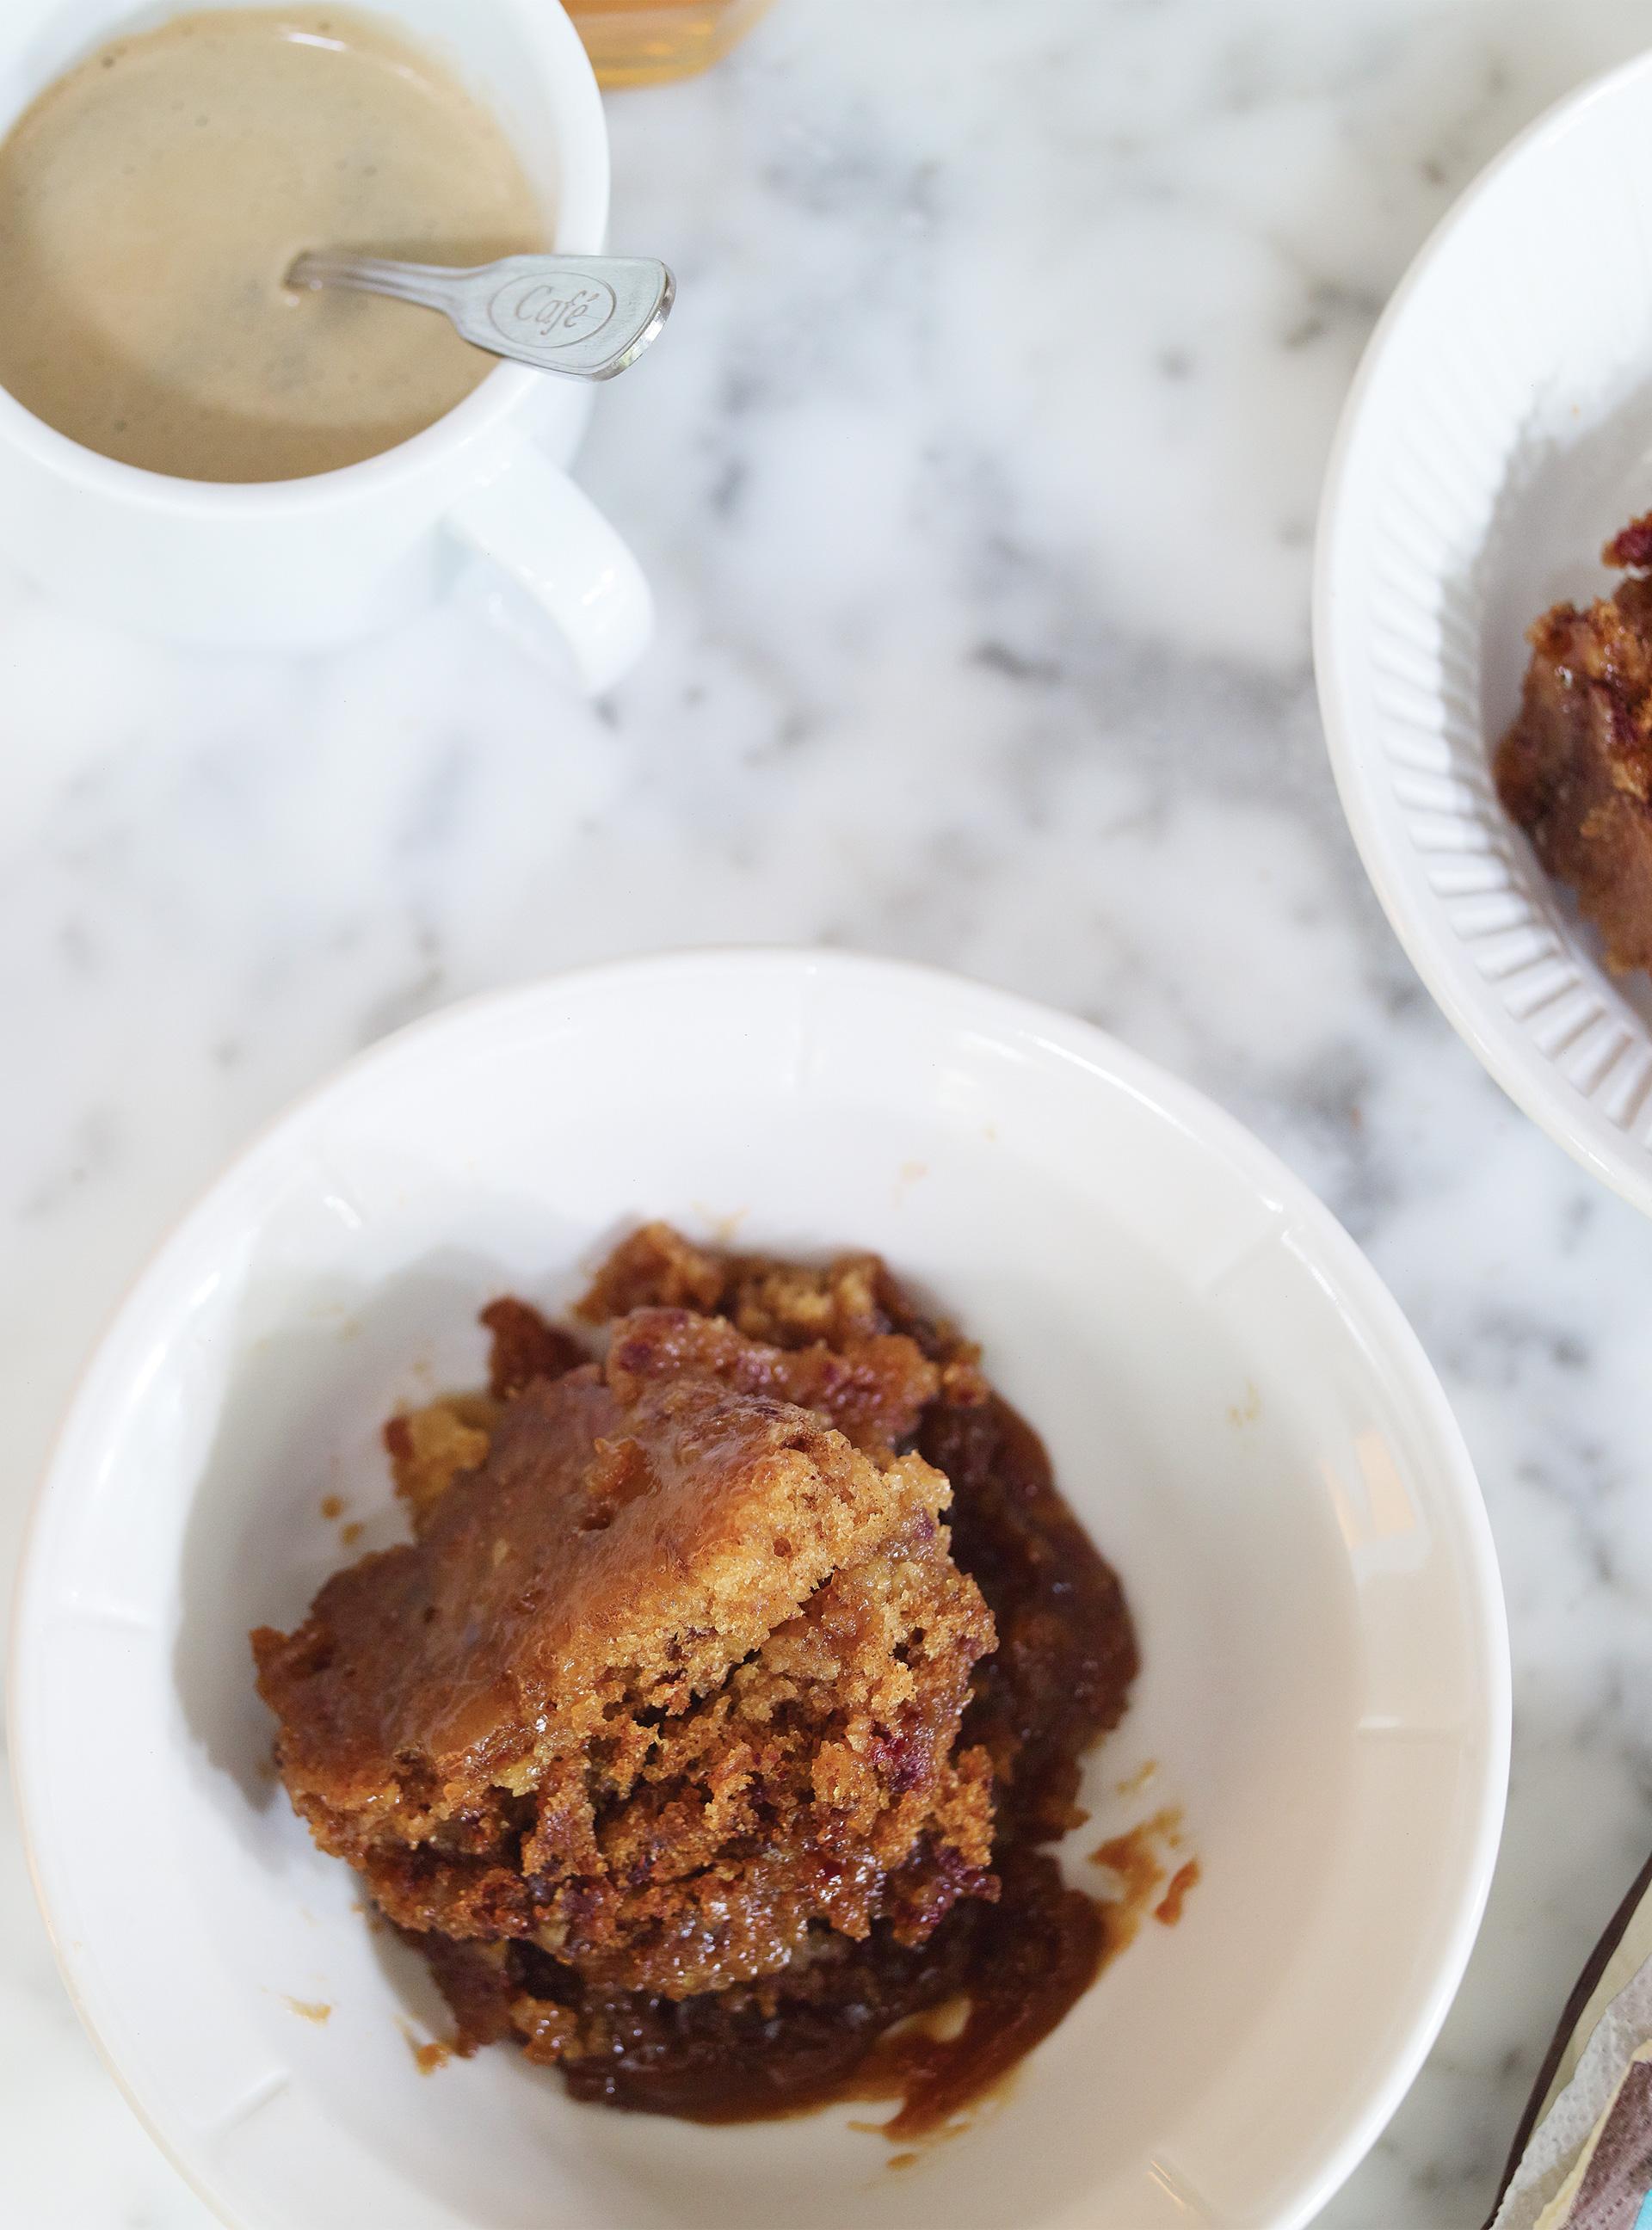 Pouding au caramel sticky toffee pudding | ricardo